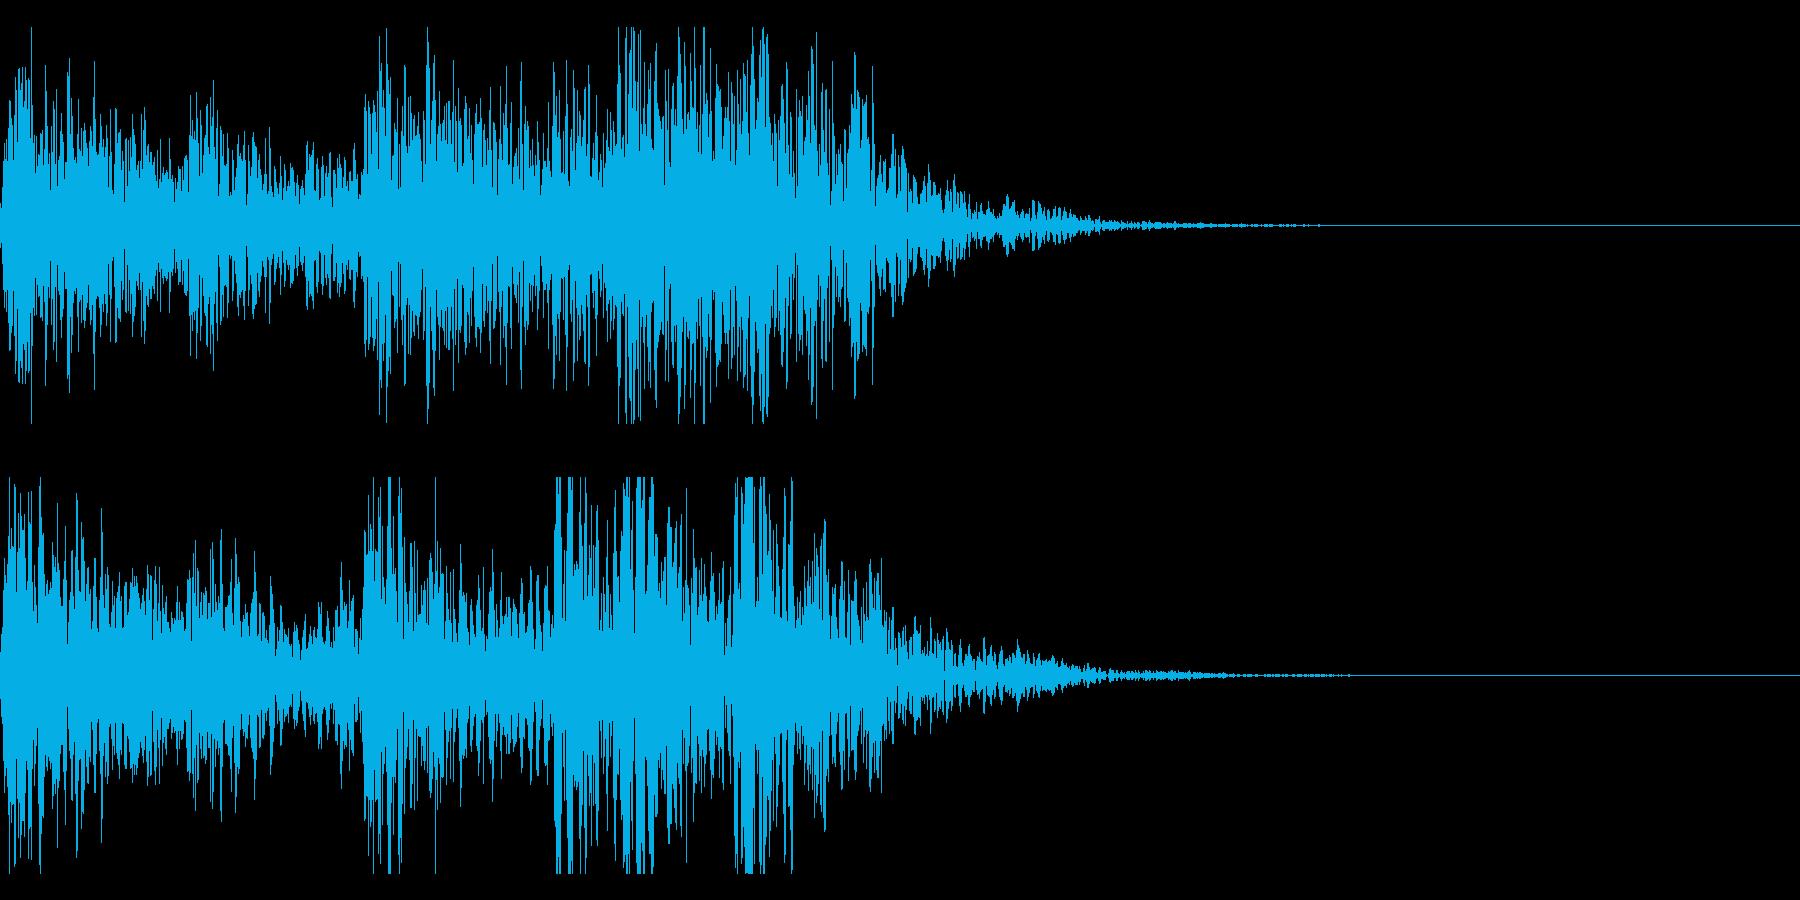 太鼓、和太鼓のフレーズ ジングル!23の再生済みの波形